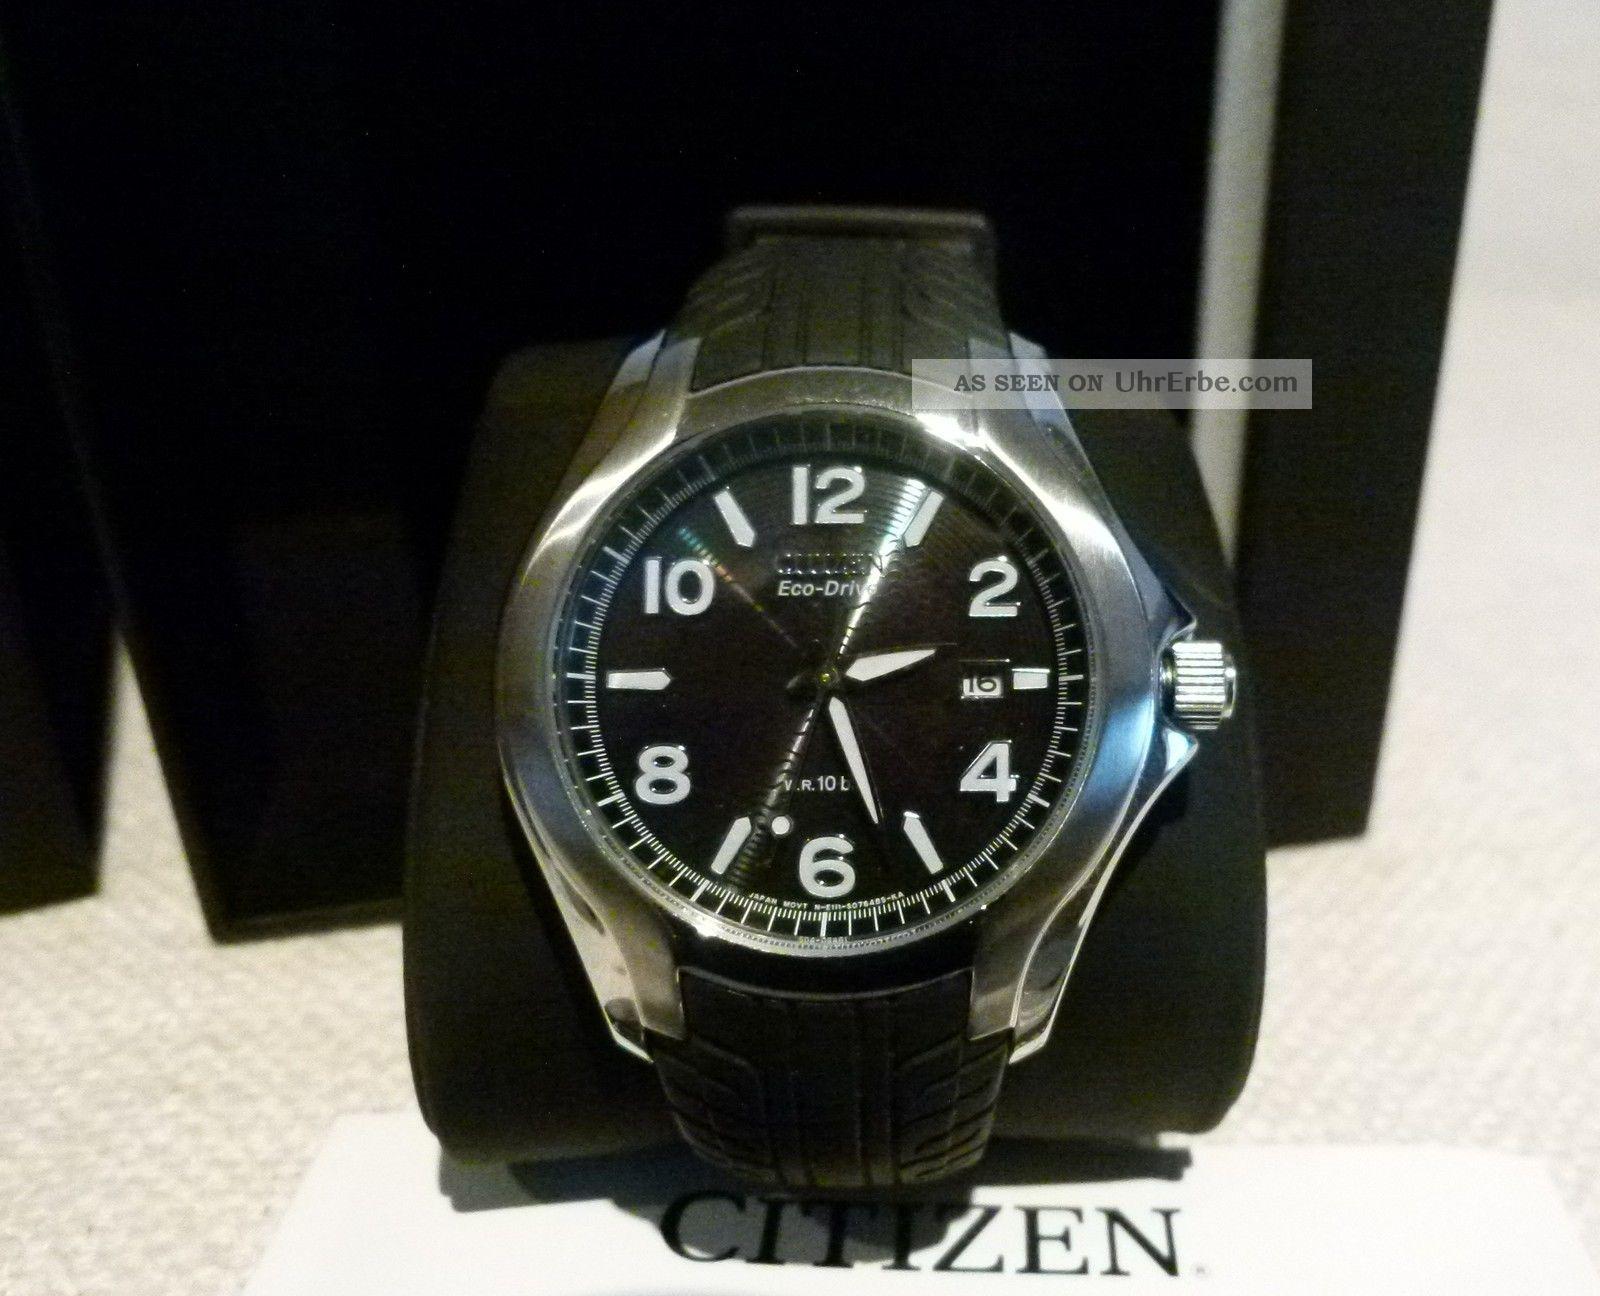 Citizen Bm 6530 - 04 F Eco - Drive Armbanduhr Ungetragen,  Mit Papieren Und Box Armbanduhren Bild